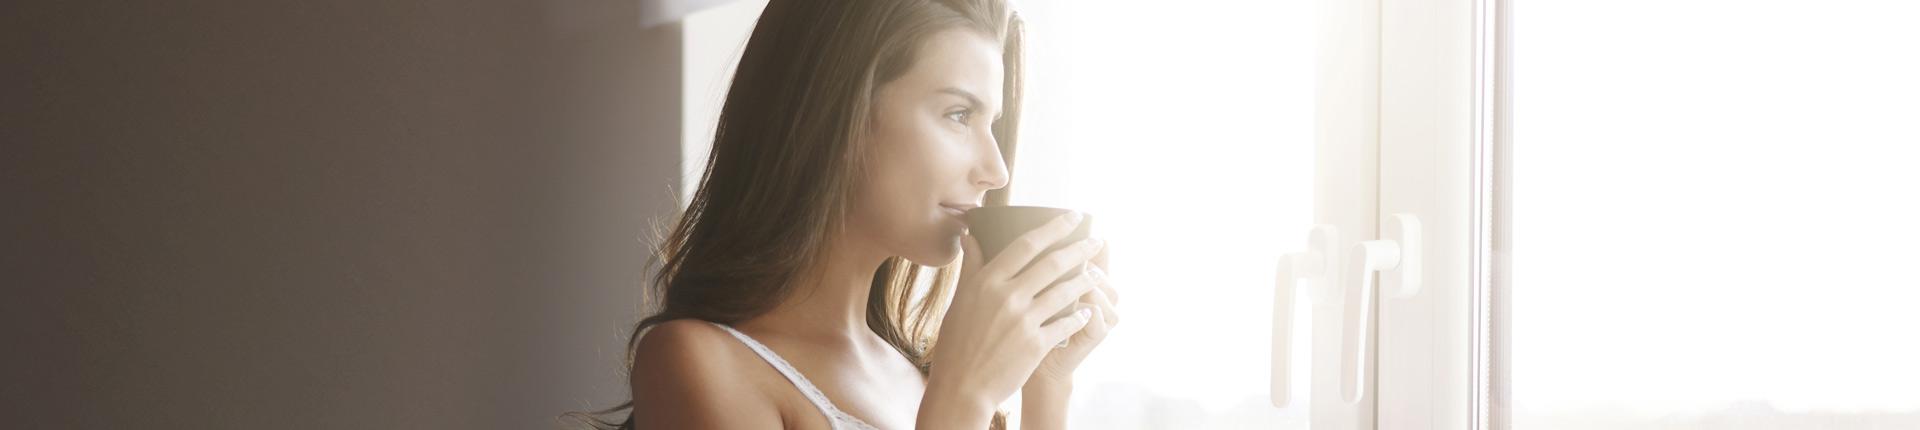 Czy kawa chroni przed cukrzycą? Poziom cukru po kawie